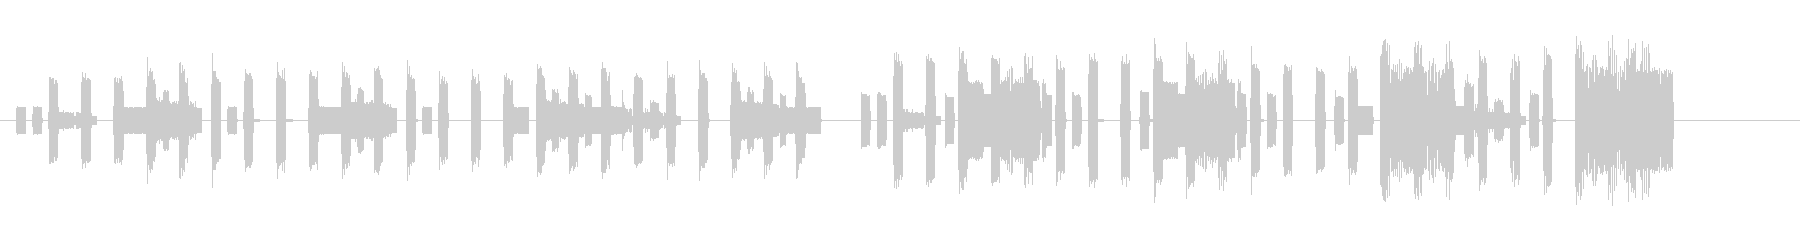 ハッピーバースデー ファミコン 速めの未再生の波形